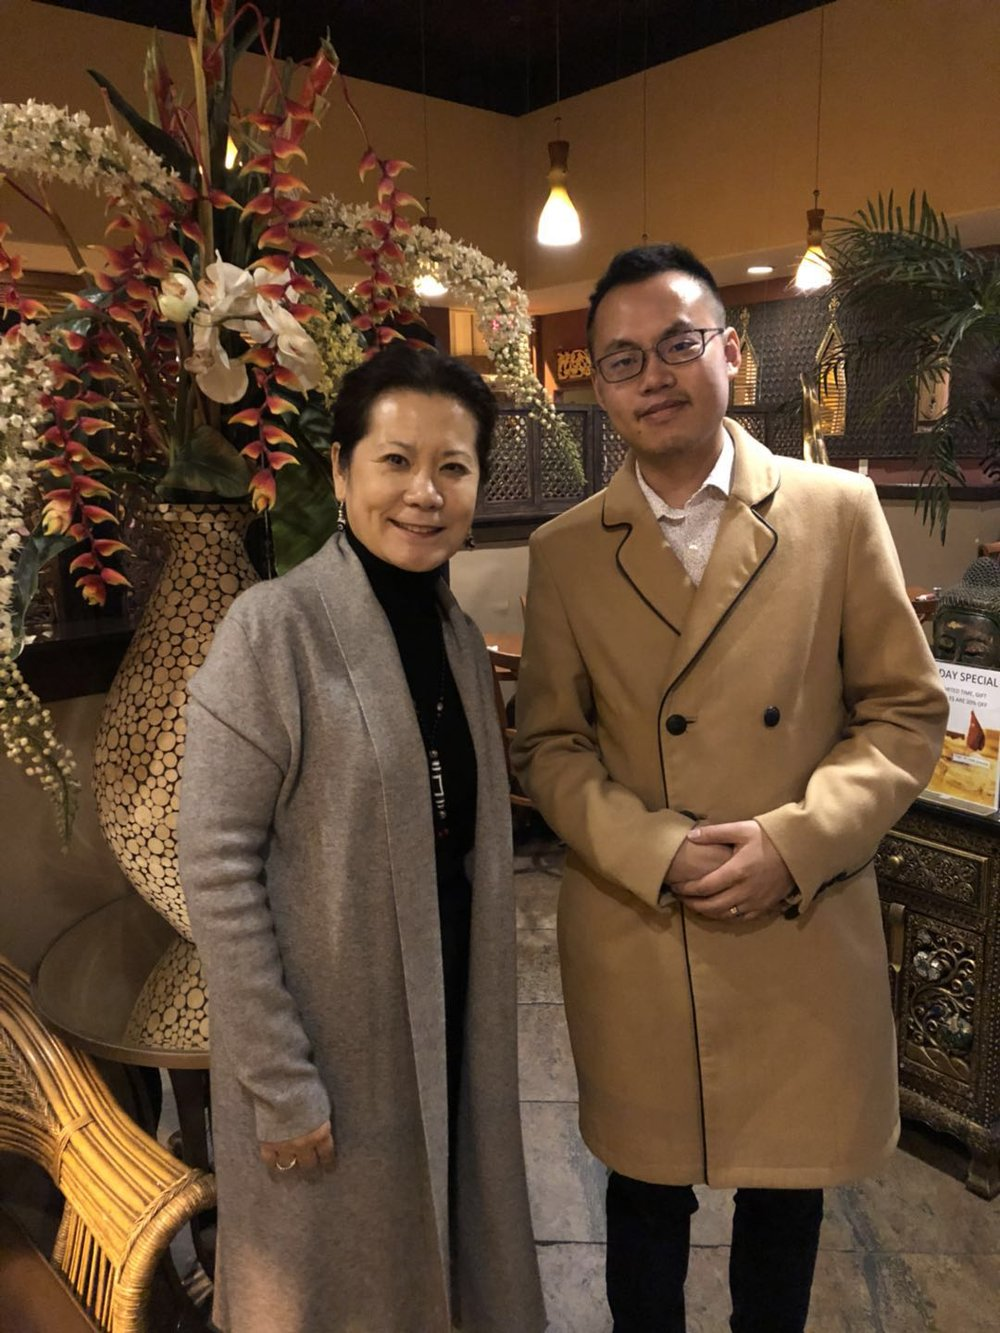 作协主席李岘博士与旧金山永久会员葛航松于圣地亚哥泰国餐馆合影留念